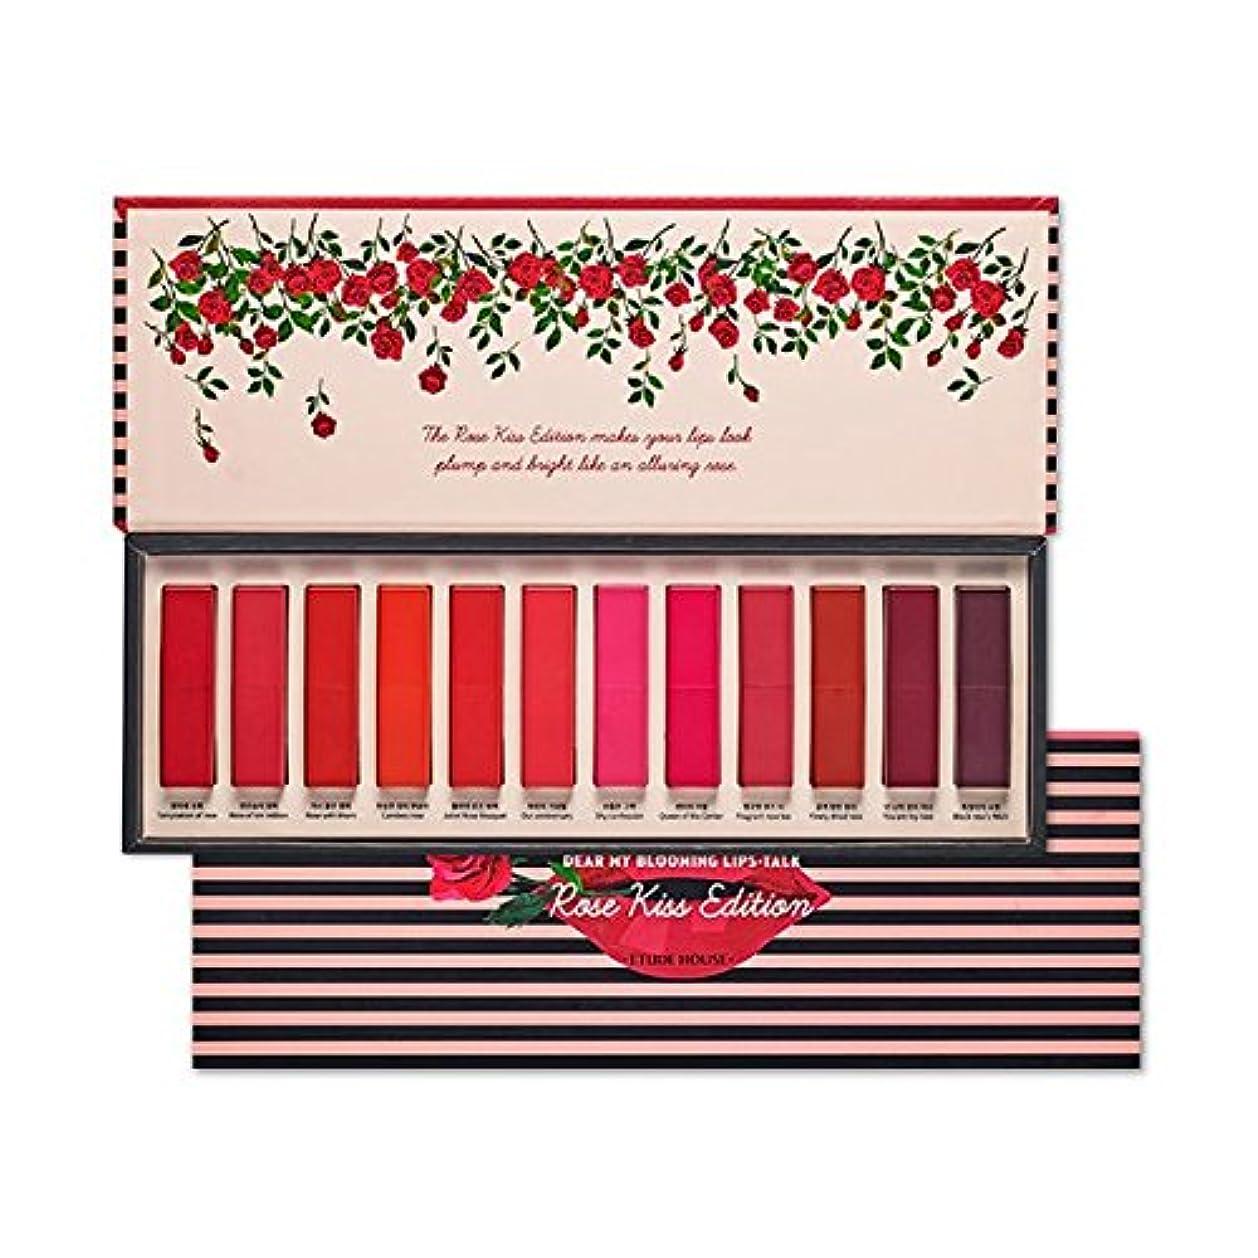 高く鼓舞する可塑性【限定版】 エチュードハウス ディアマイブルーミングリップストーク 「ローズキス エディション」/ETUDE HOUSE Dear My Blooming Lips-Talk Rose Kiss Edition 1.5g...